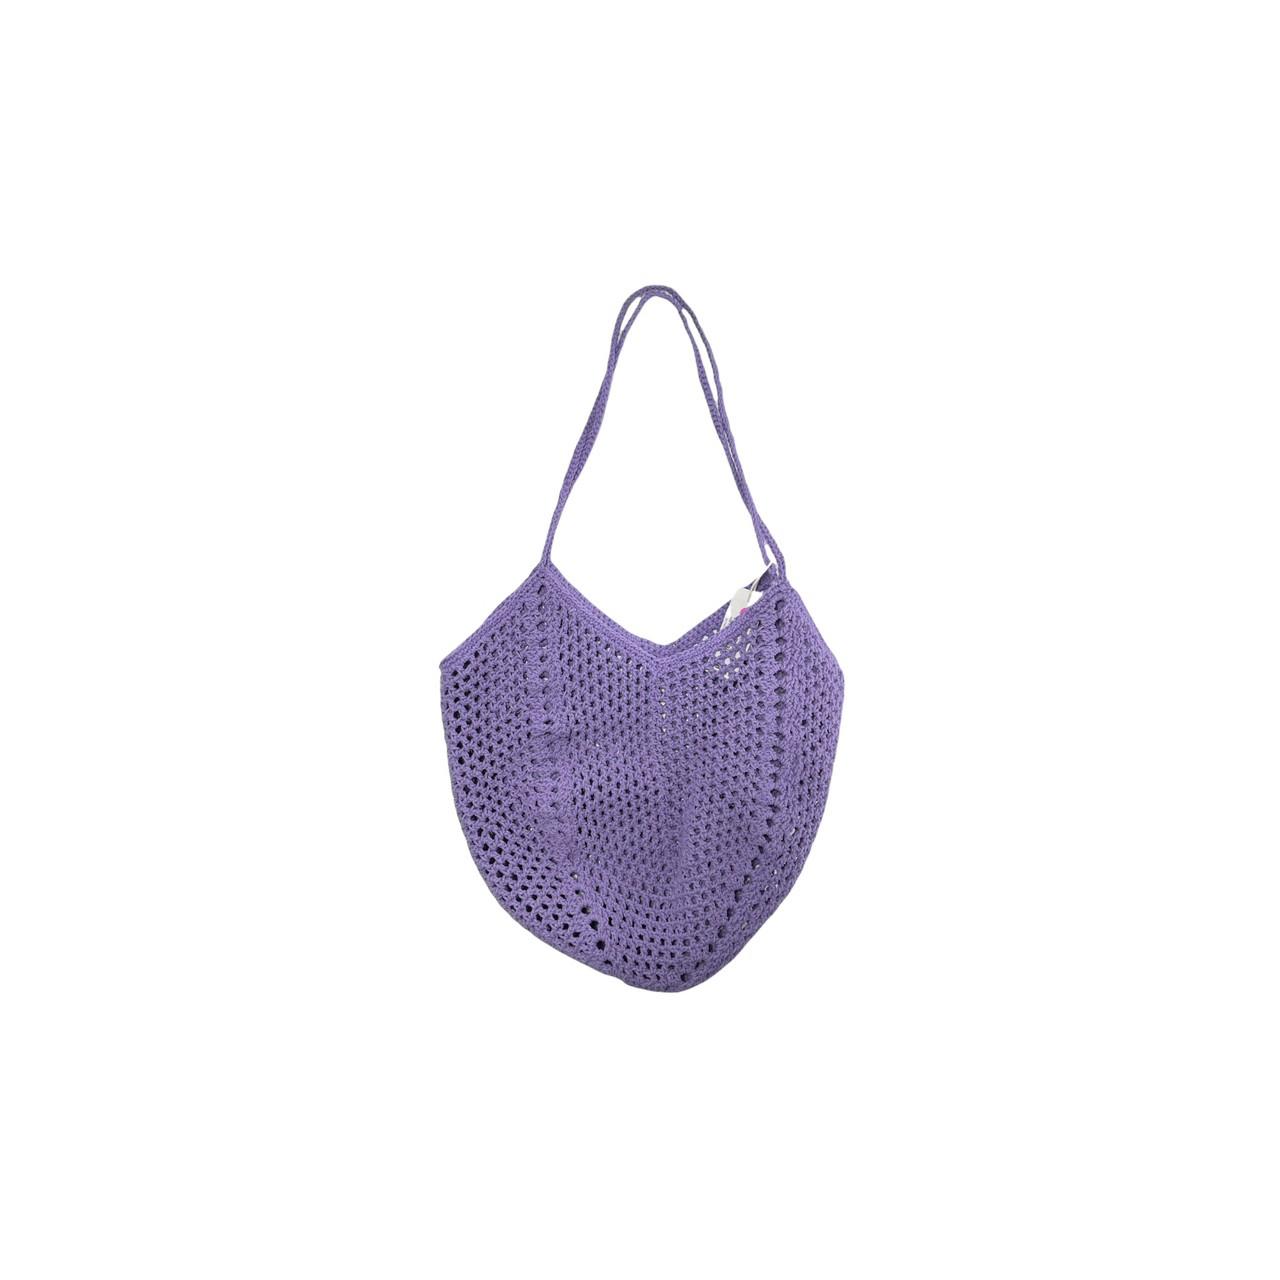 Santol Bag (Periwinkle)